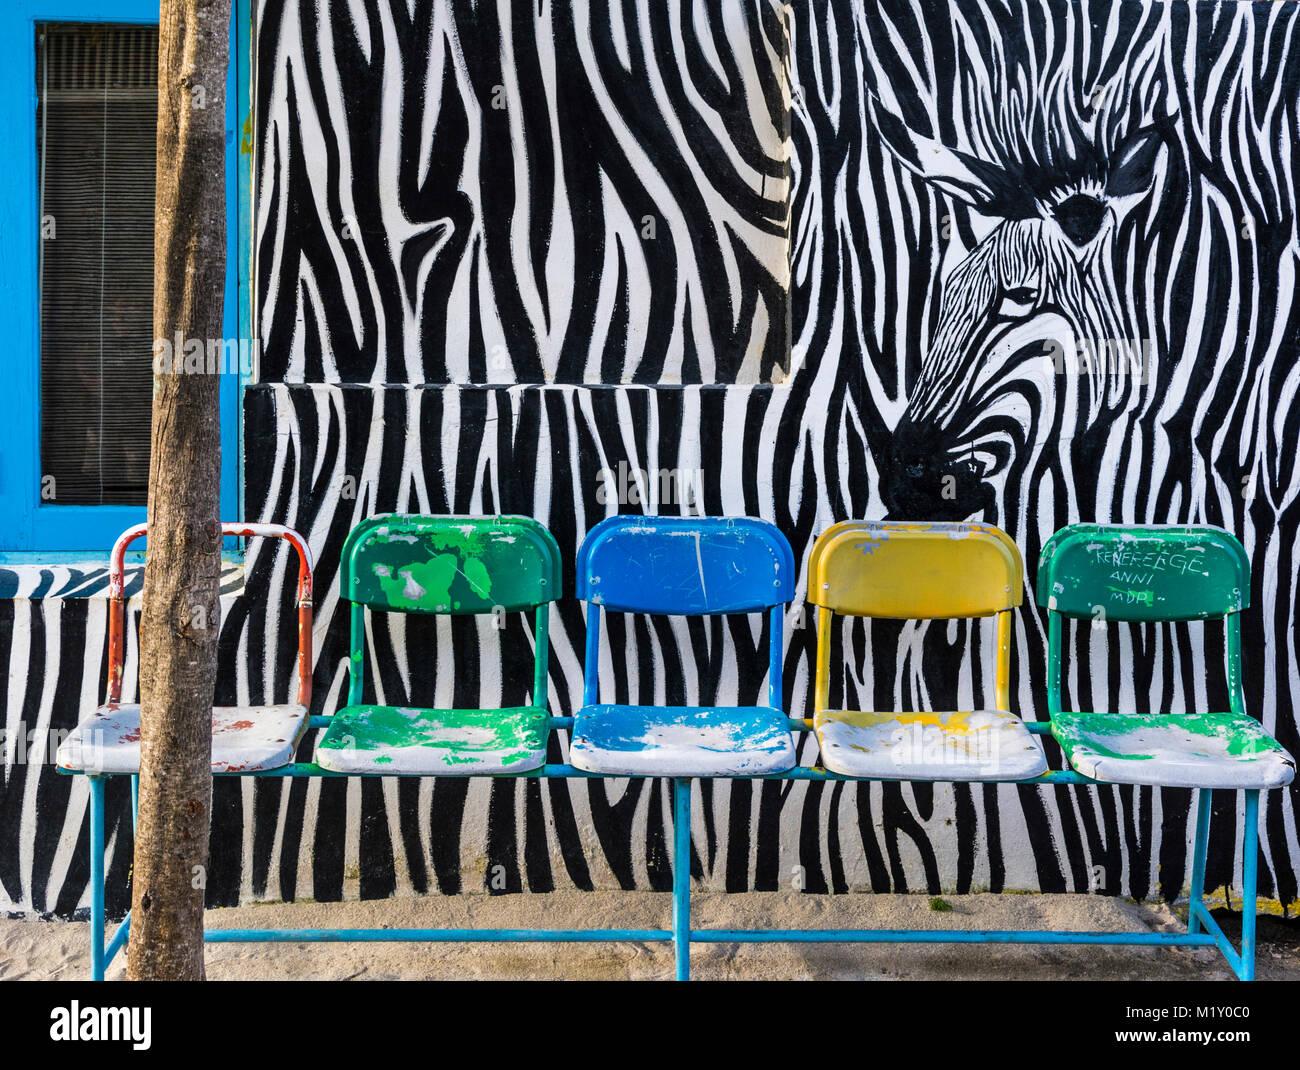 Mit Zerbramuster bemaltes Haus auf er Insel Velhidhoo, Malediven. Sitzplätze vor dem Haus sind hier üblich. - Stock Image